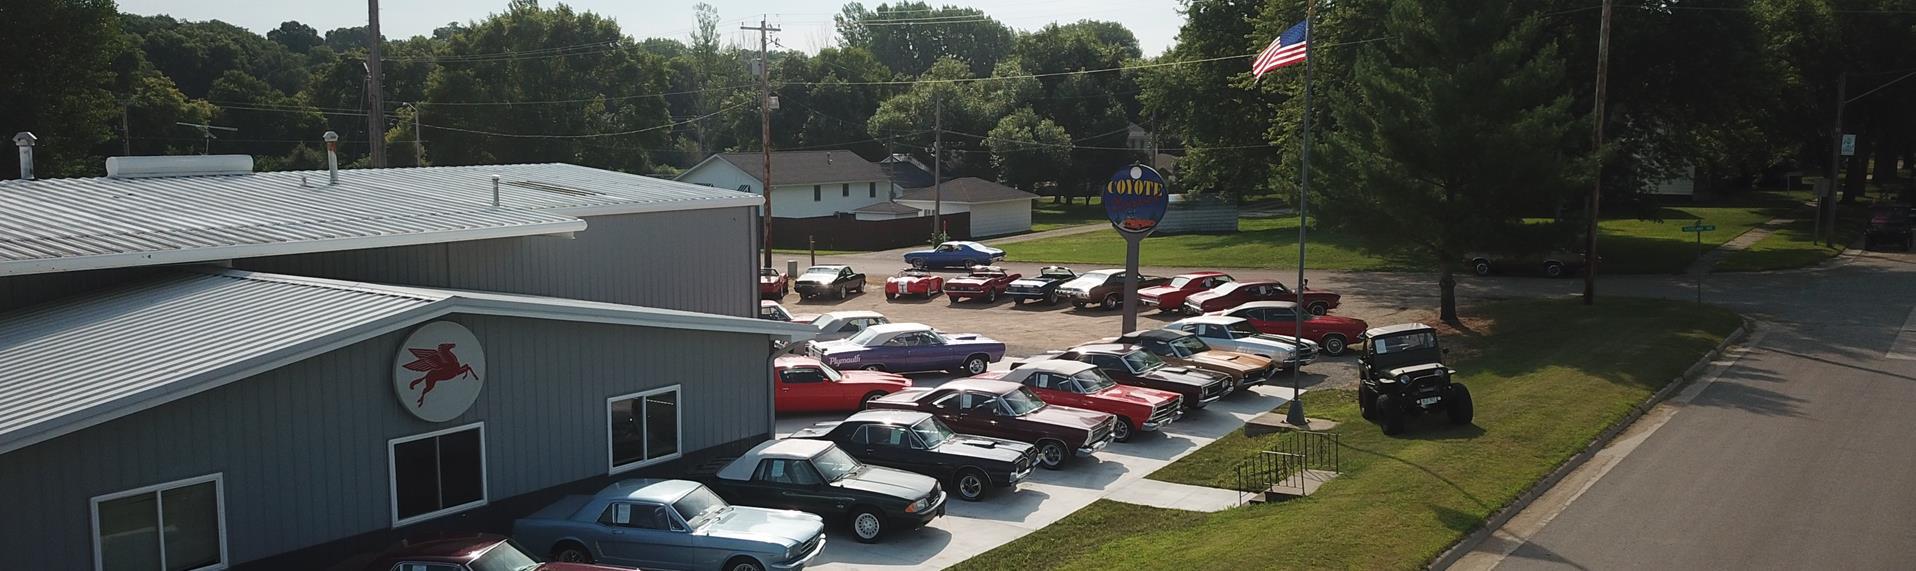 Used Cars Greene IA | Used Cars & Trucks IA | Coyote Classics